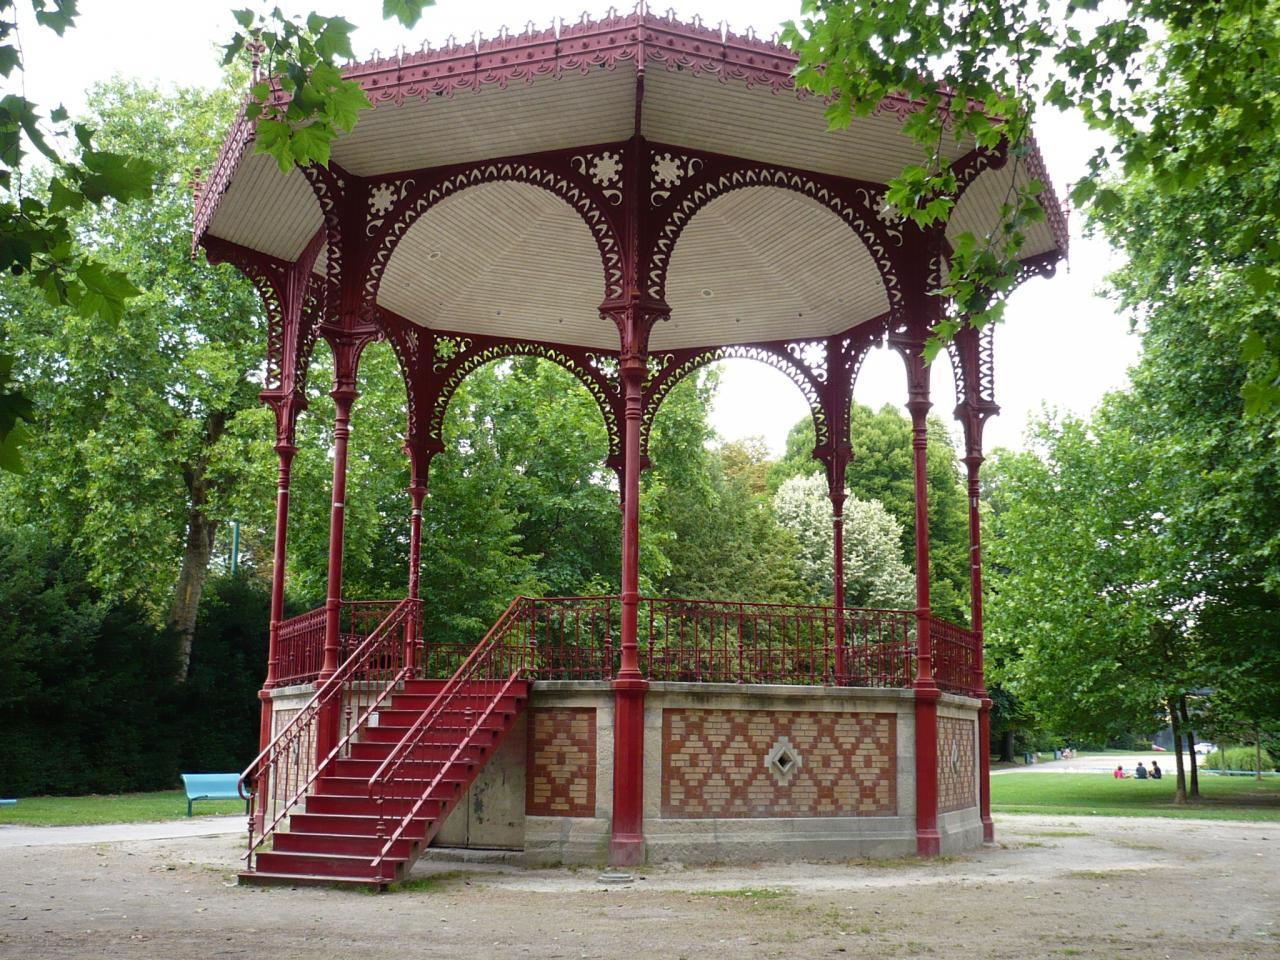 Abris De Jardin: Kiosque De Jardin Fermé intérieur Kiosque Jardin Fer